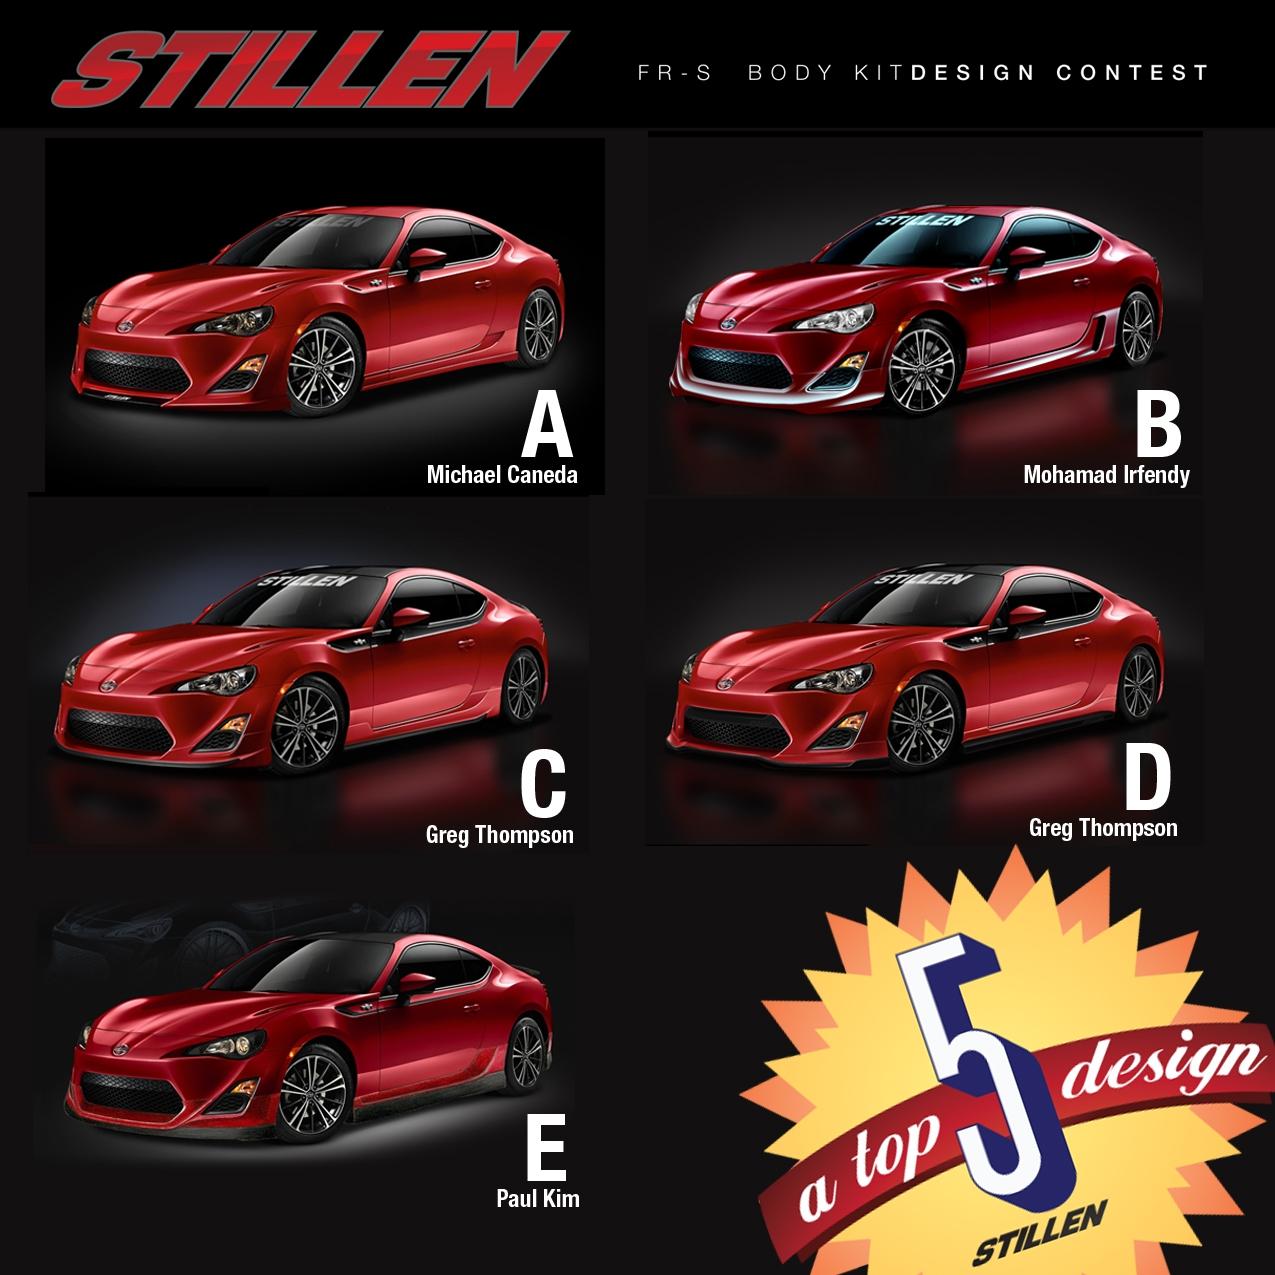 STILLEN FRS Contest Top 5